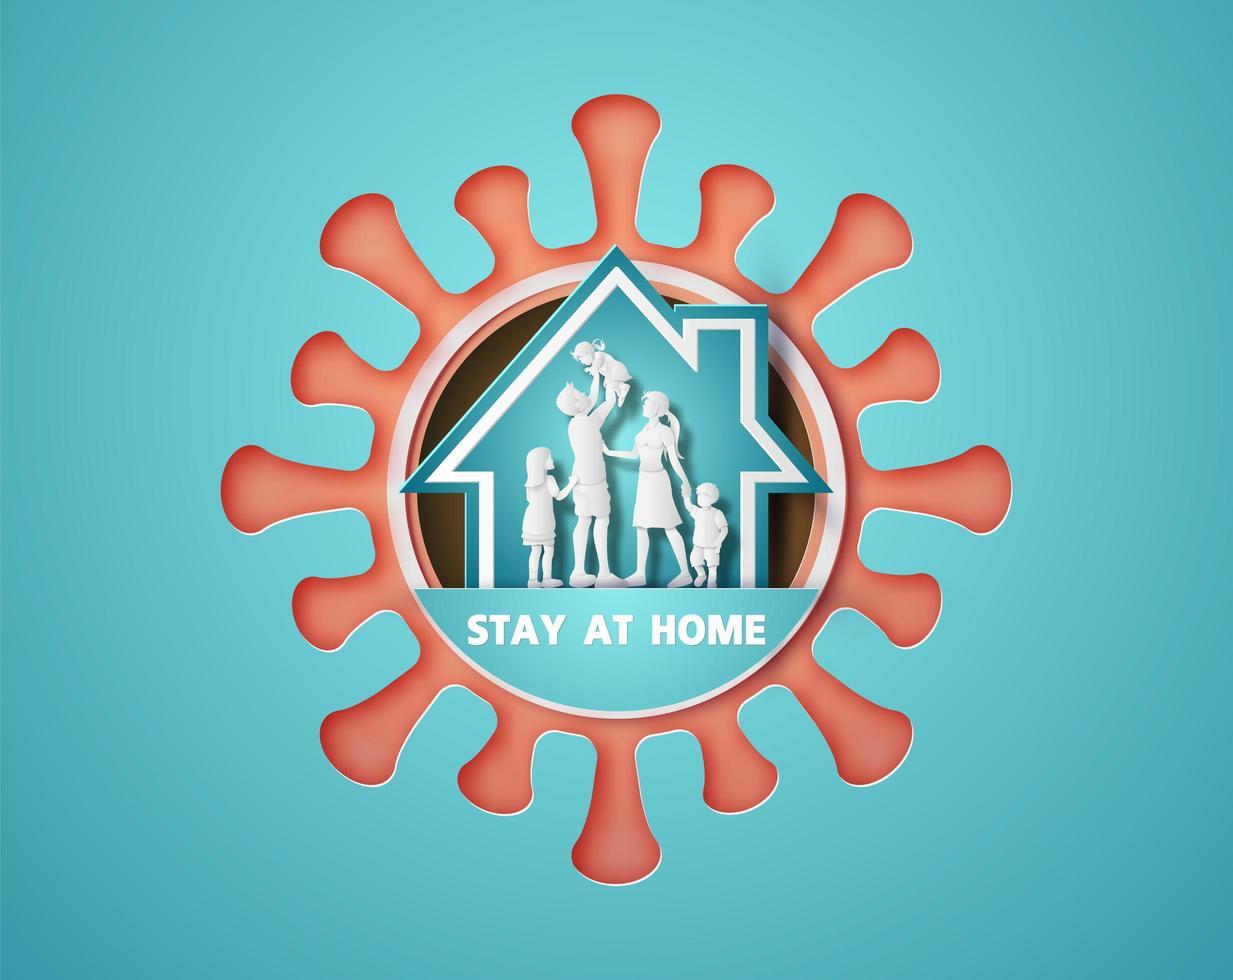 stare a casa durante l'epidemia di coronavirus. vettore